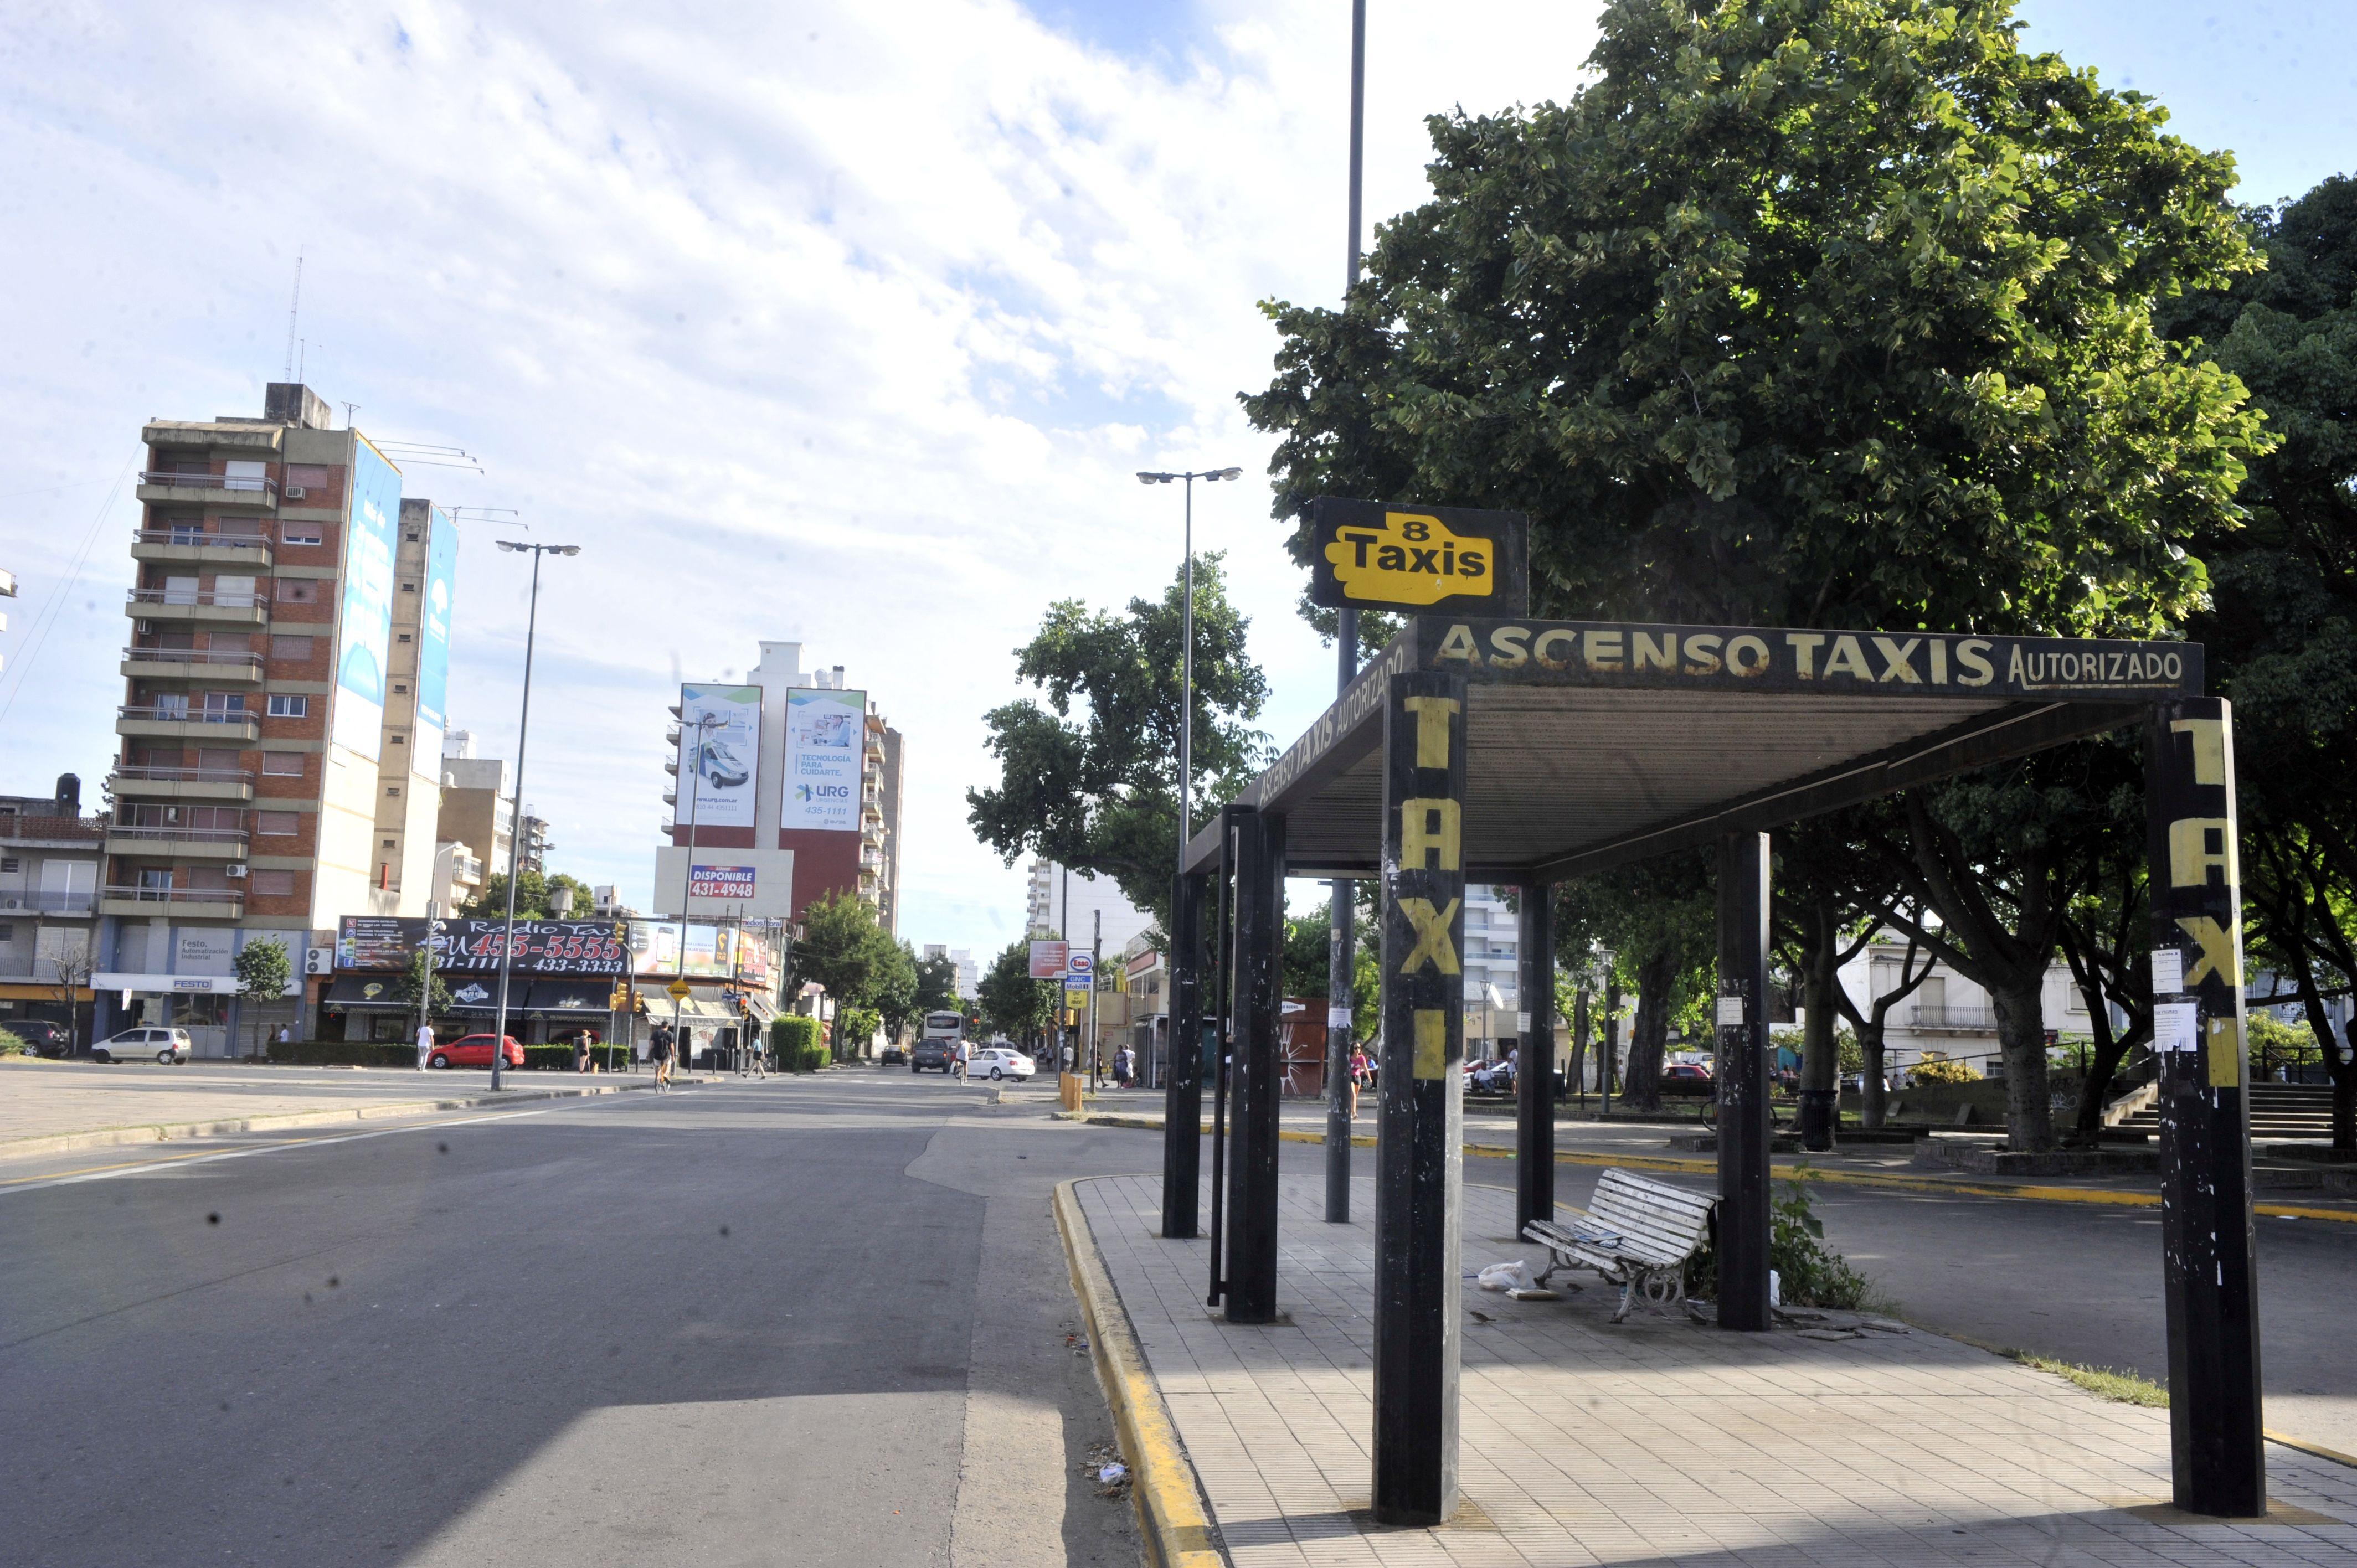 desierto. El paro de taxis lanzado tras el crimen del chofer tuvo un acatamiento total.(Gustavo de los Rios / LaCapital)